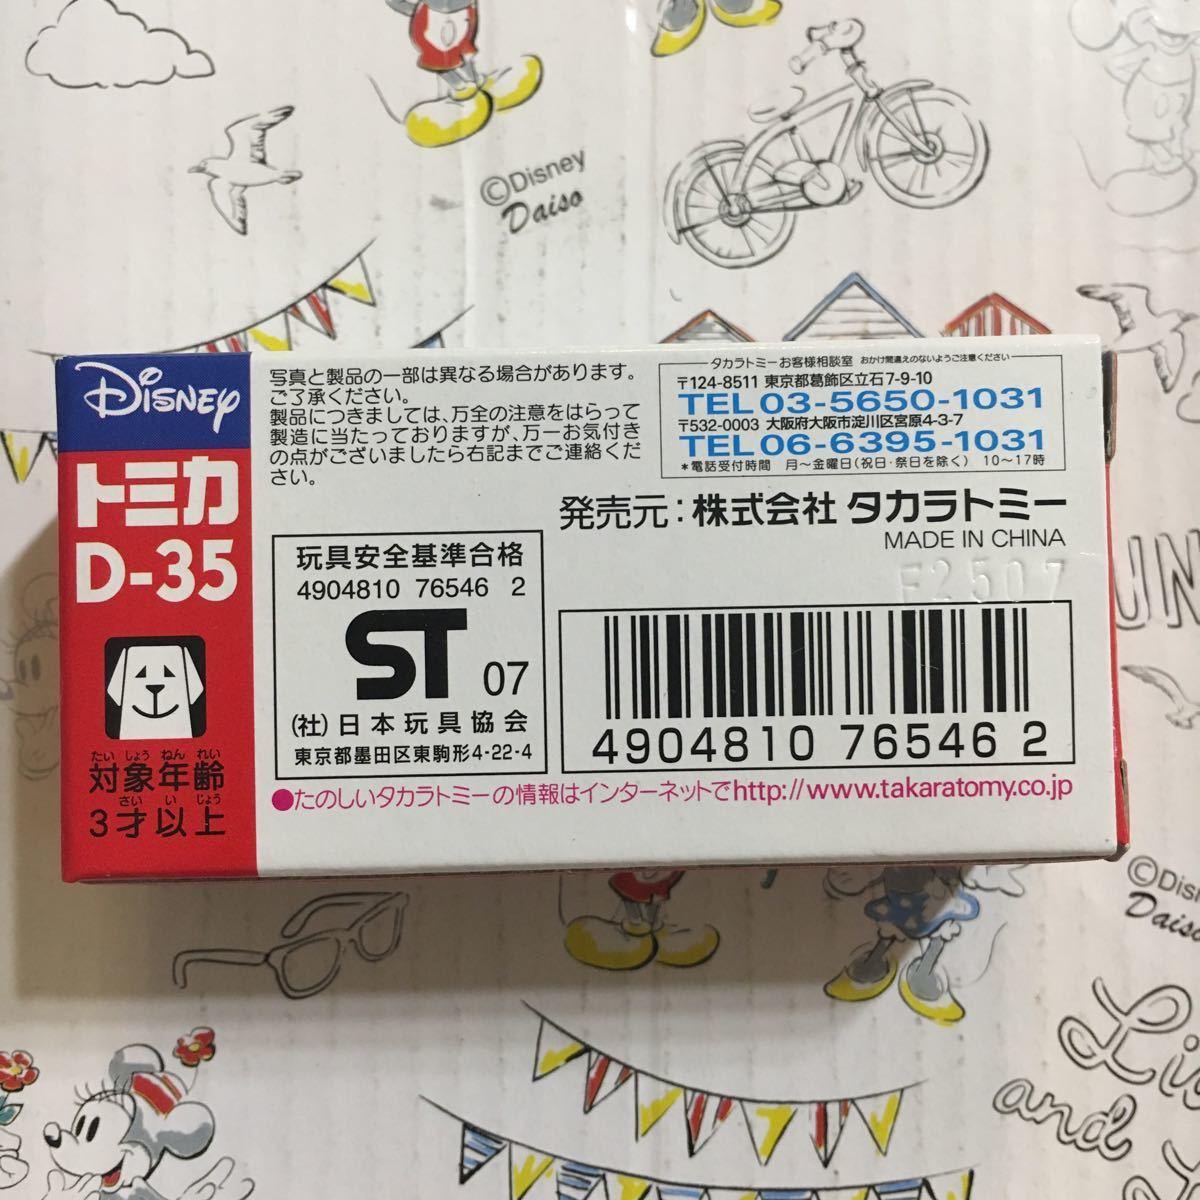 D-35 DAIHATSU ダイハツ ムーヴカスタム スティッチ Disney ディズニー トミカ コレクション Stitch LILO Move スクランプ ムーブ_画像6